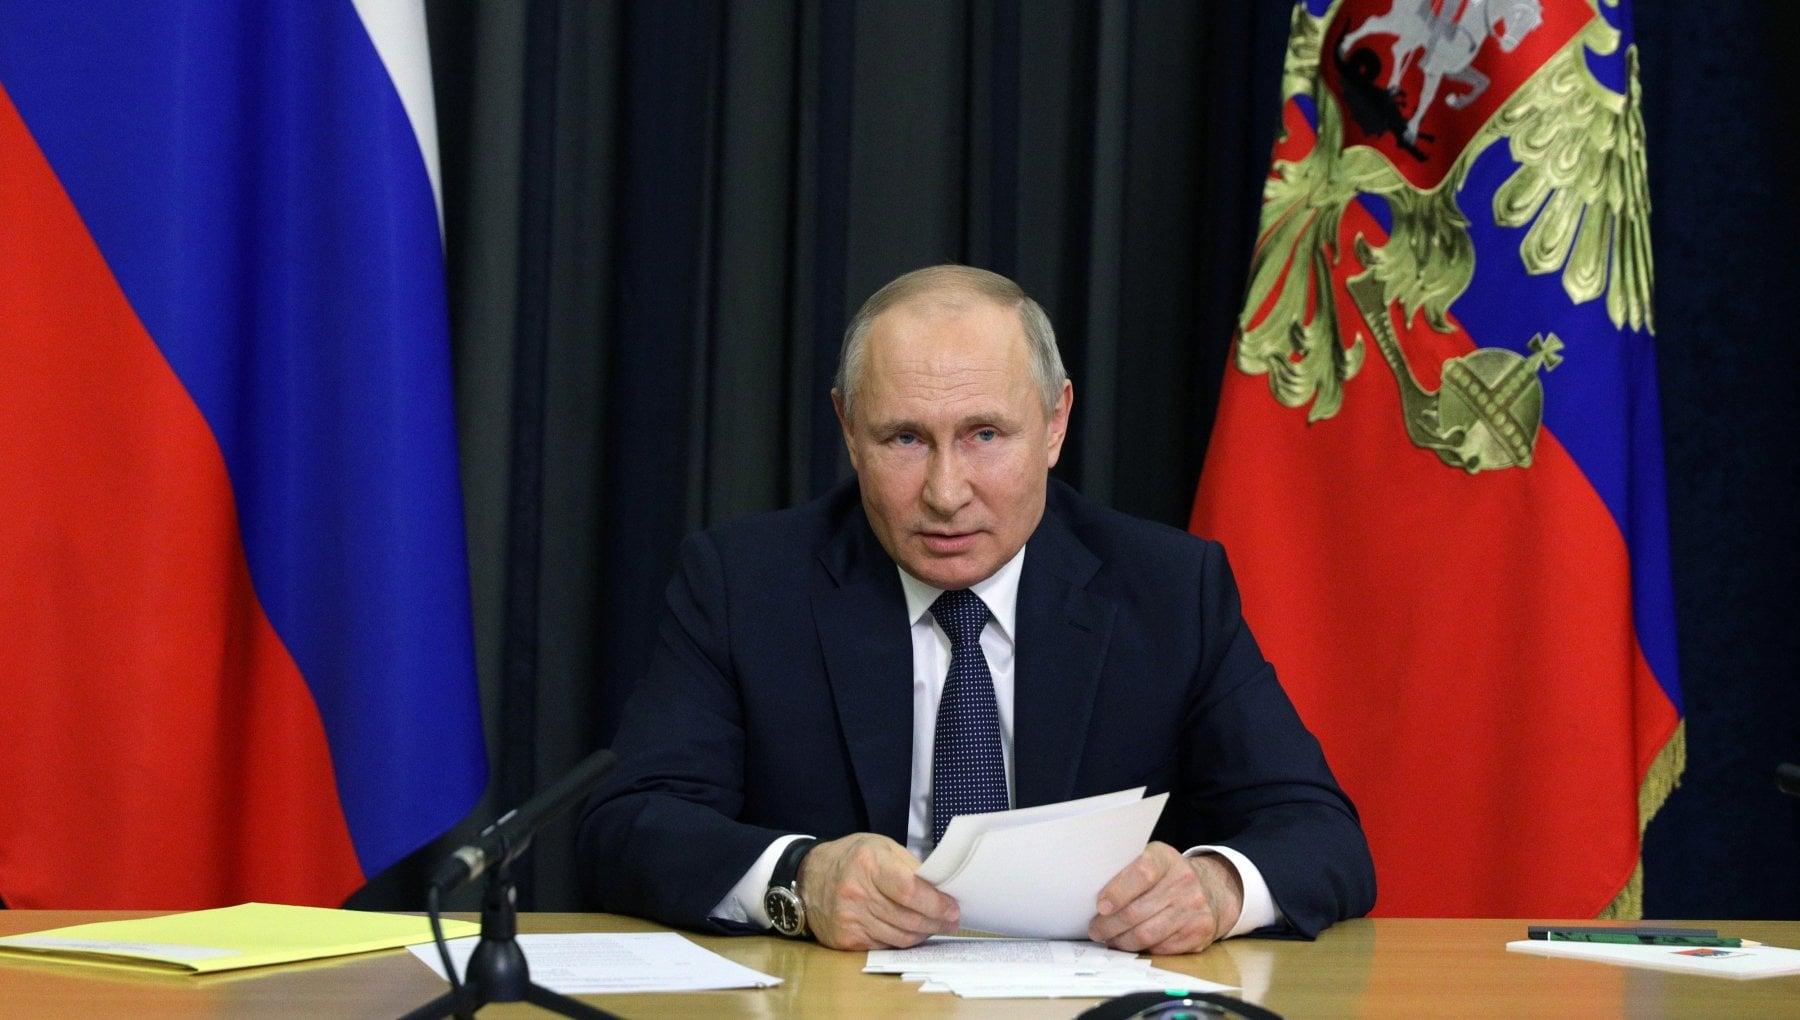 204210393 cc199aac 63c4 4b96 9d65 6c780b52c64d - Quello scambio di spie all'ombra del vertice di Ginevra tra Biden e Putin